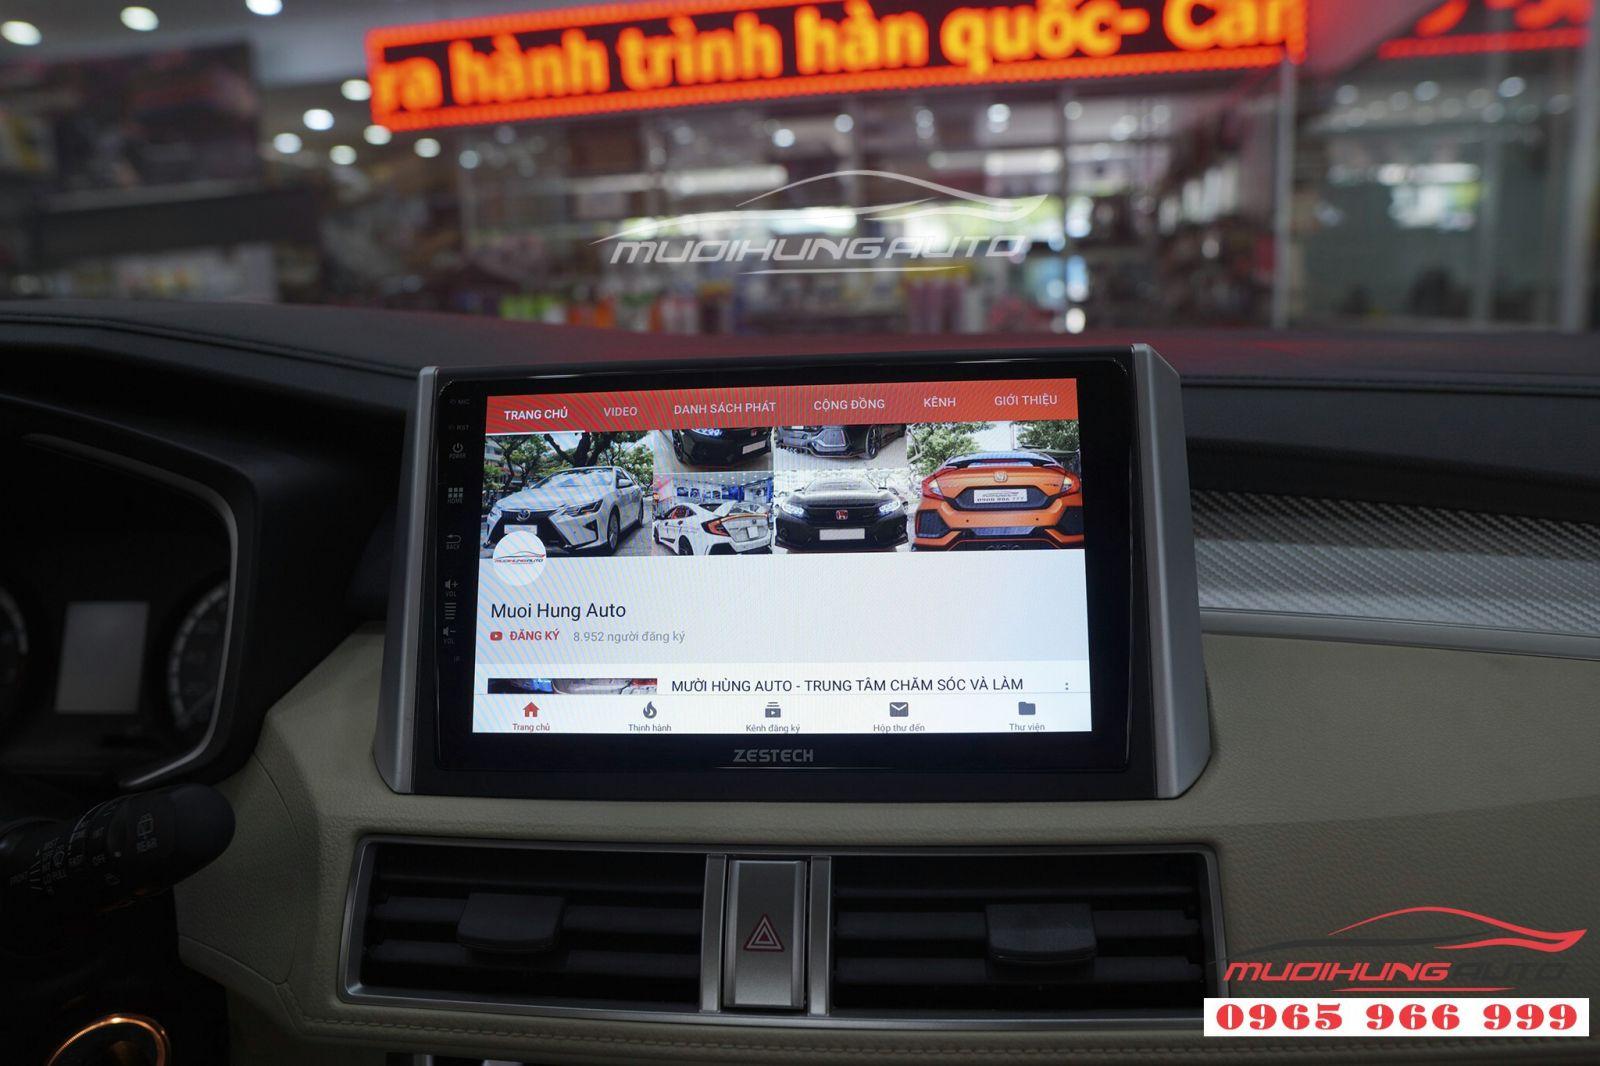 Lắp màn hình DVD Zestech Z500 cho Mitsubishi Xpander 04